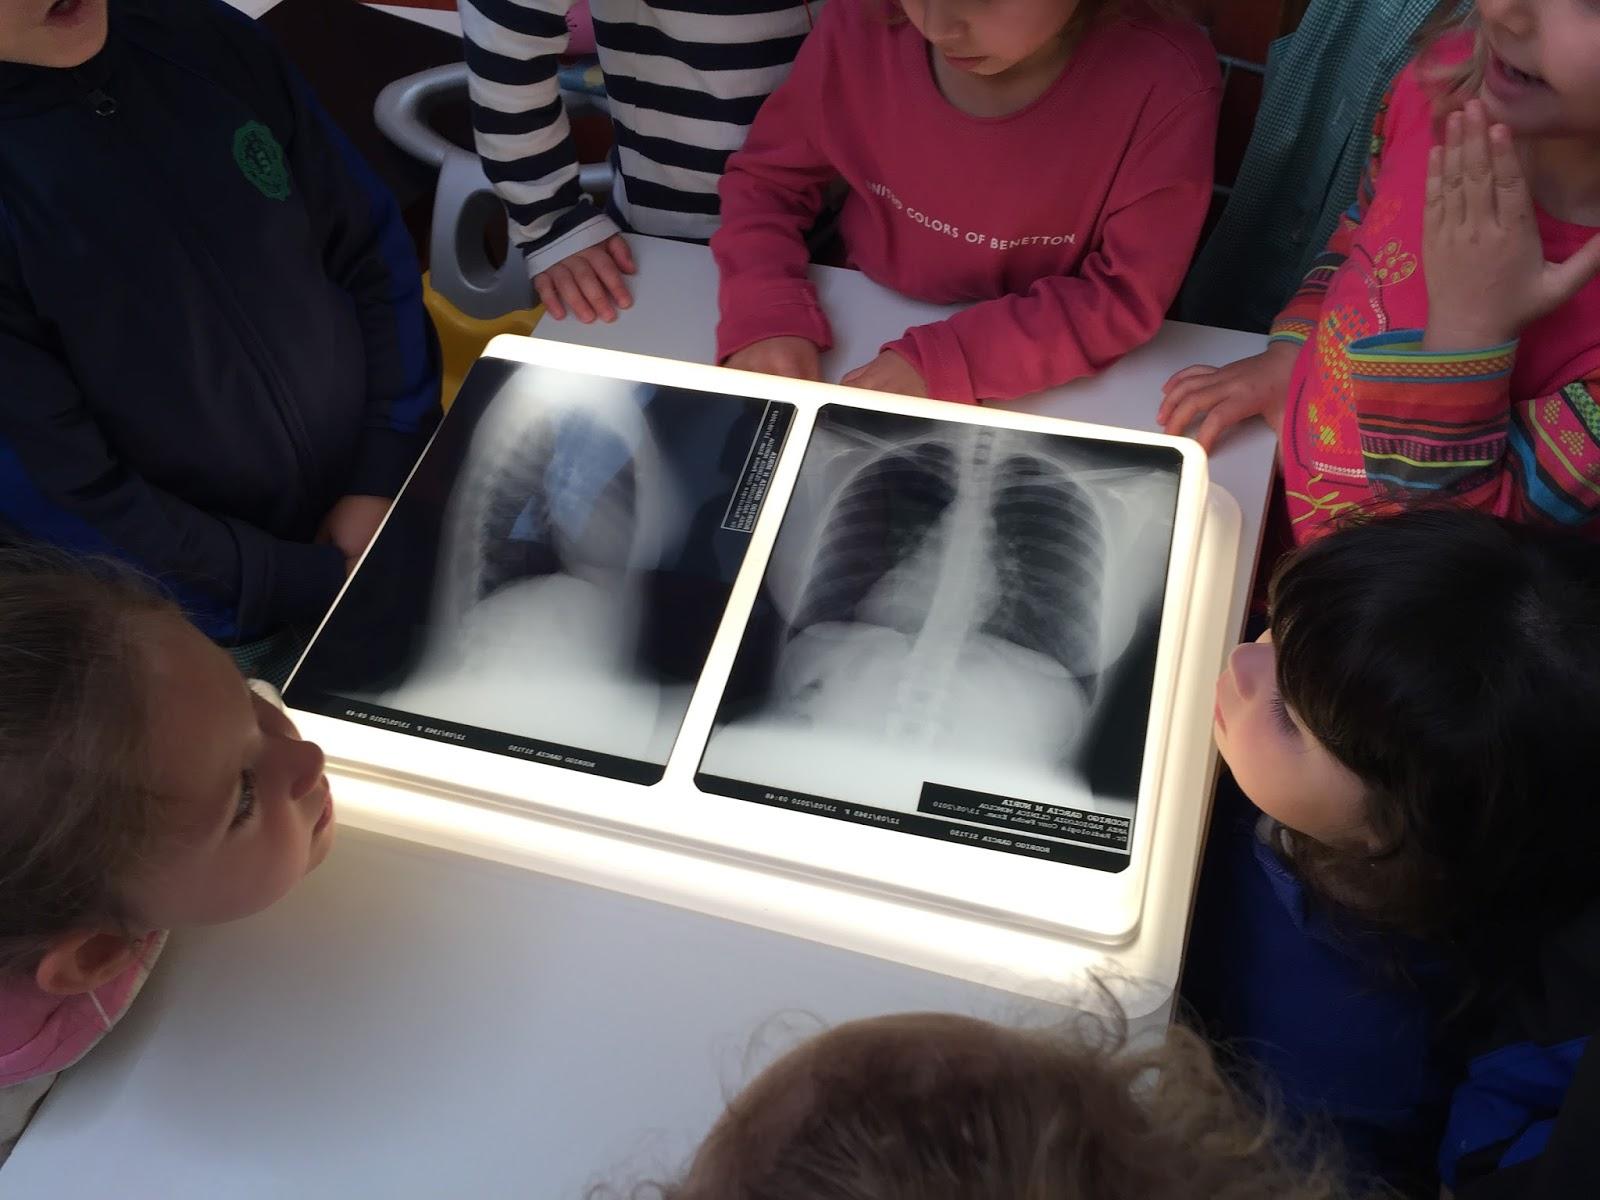 mesa de luz con radiografía